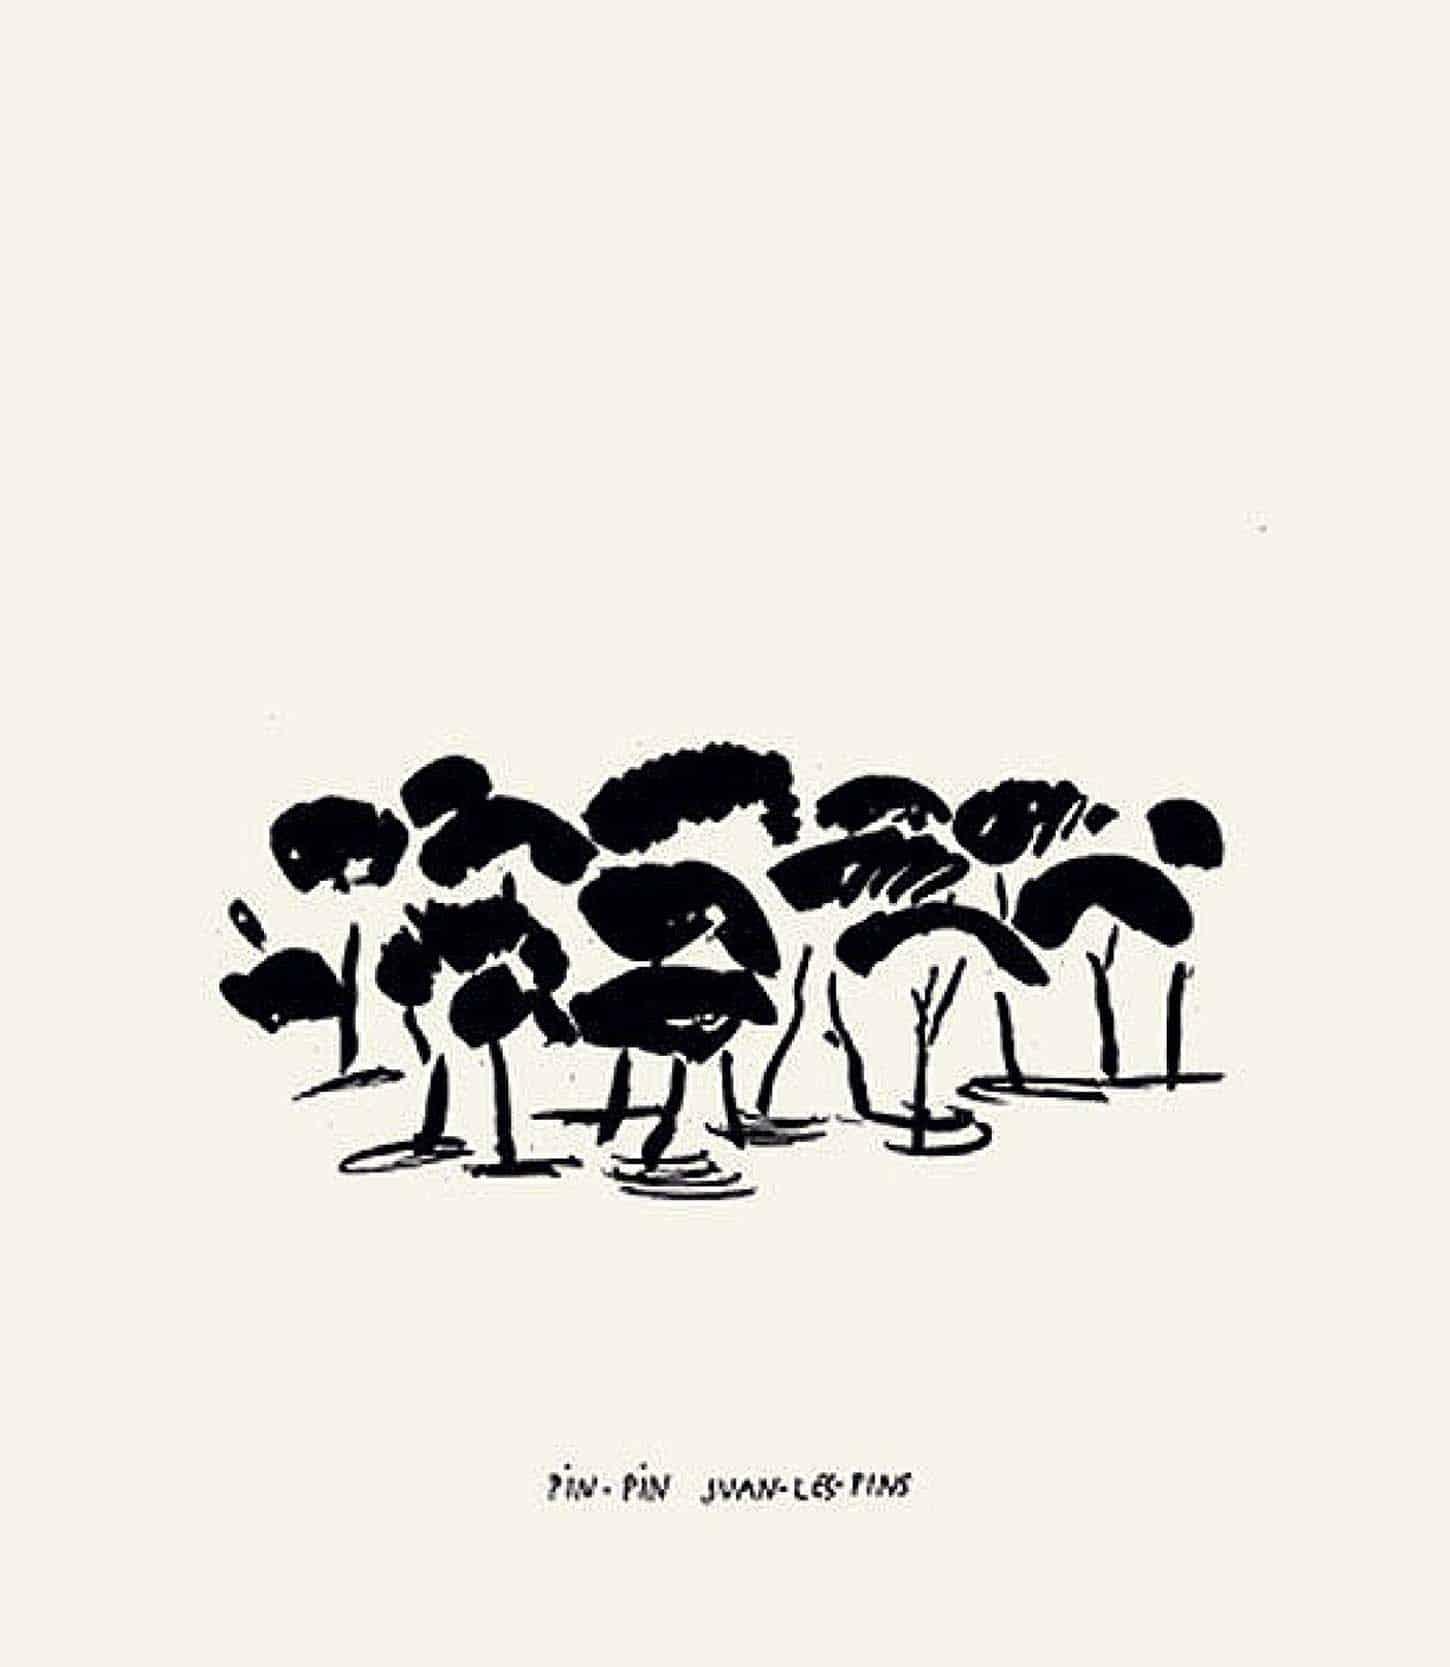 Erik Dietman Sur le doigt et dans la tête n°1, Sérigraphie sur papier Rivoli Ivoire 300gr, en 1 passage, 25 x 22 cm, 60 ex, 2000.